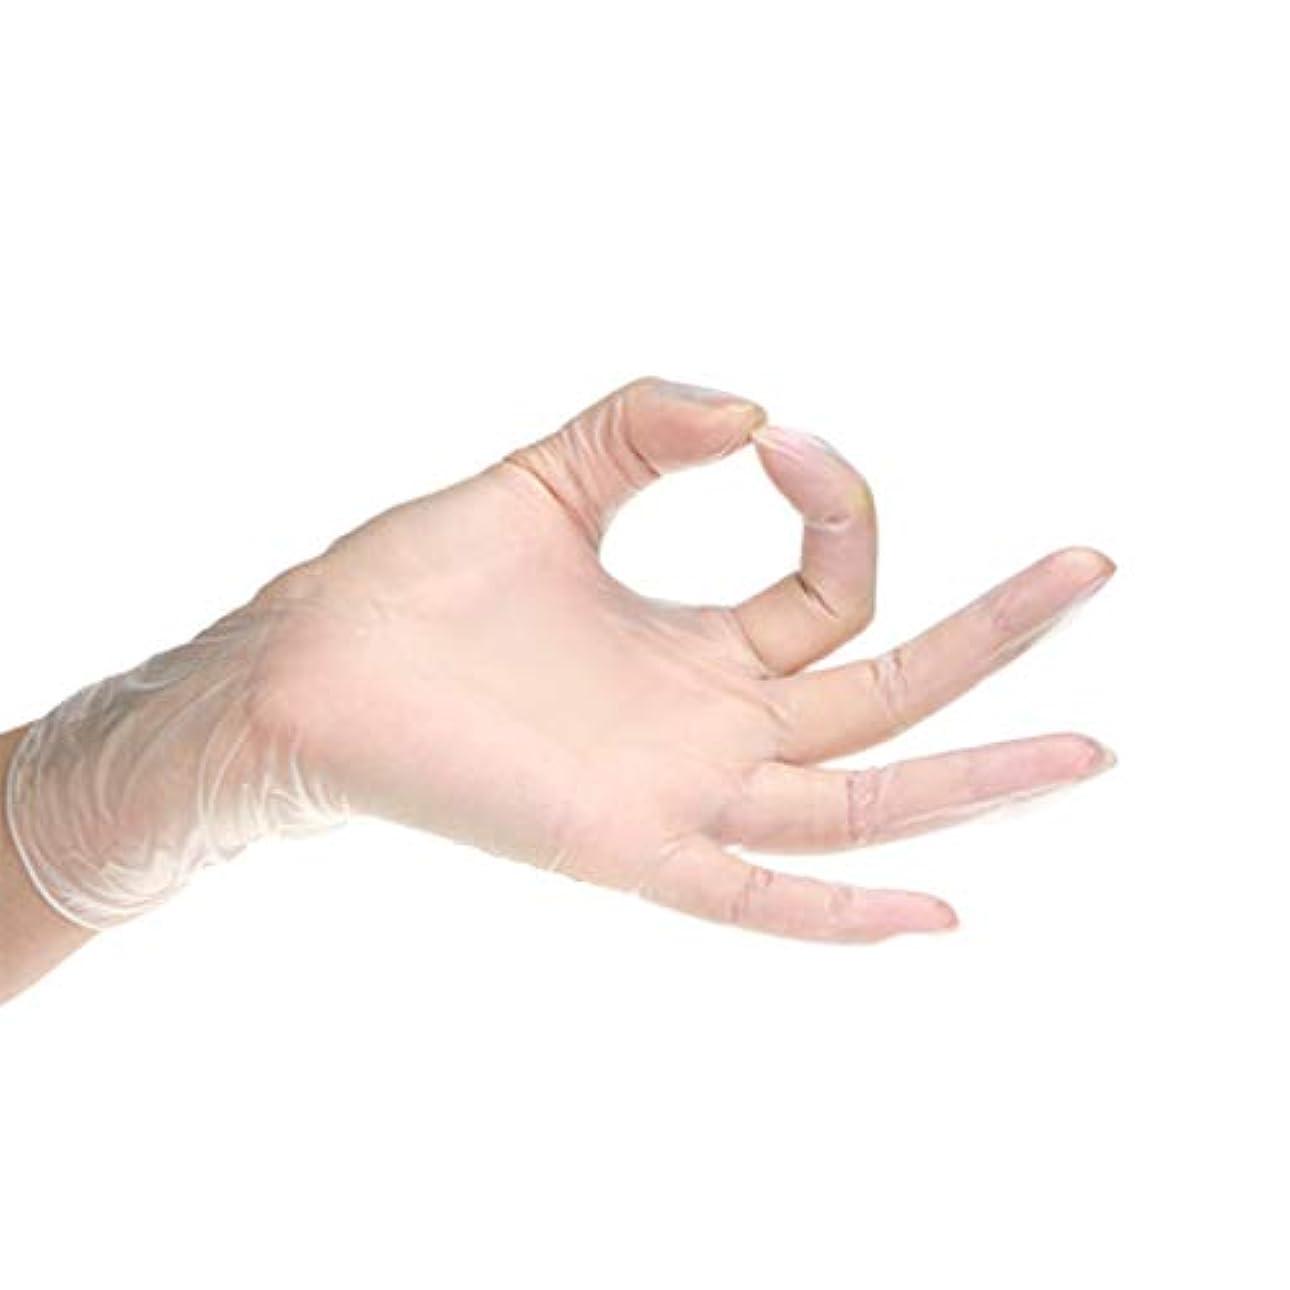 使い捨て手袋 ニトリル手袋 はエビをむいて 野菜 顔を切っ て料理の 食品を加工して粉がなく 透明 100枚 (L)